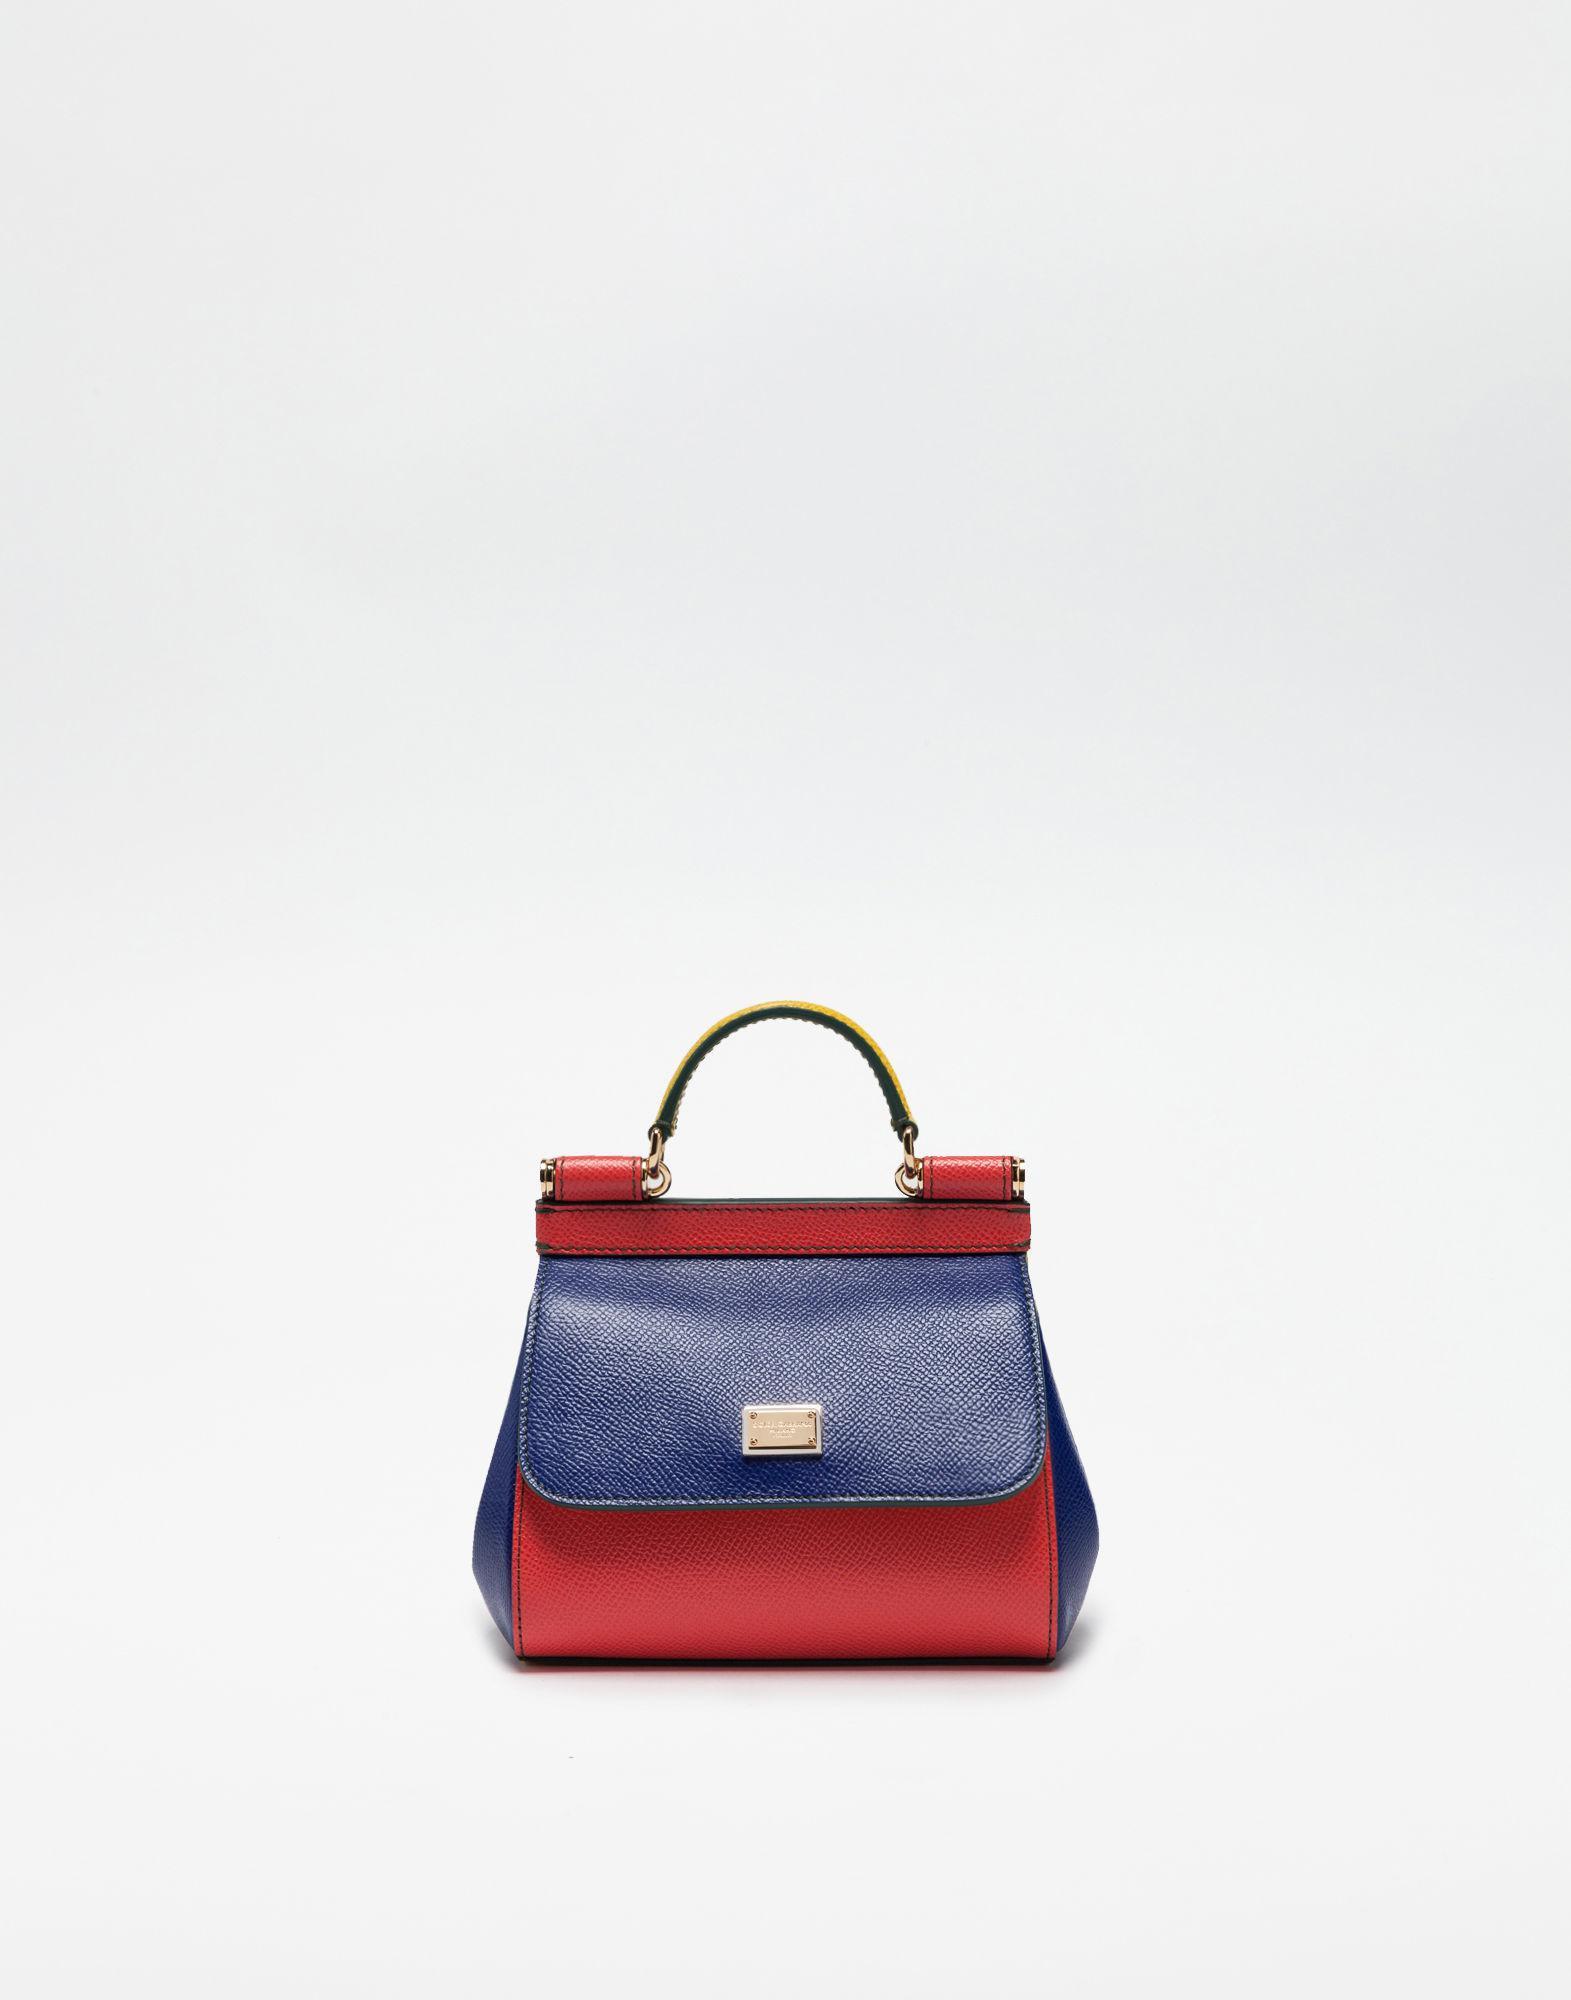 c5e3c704a8c60a Dolce & Gabbana Mini Sicily Mix Handbag In Leather in Blue - Lyst